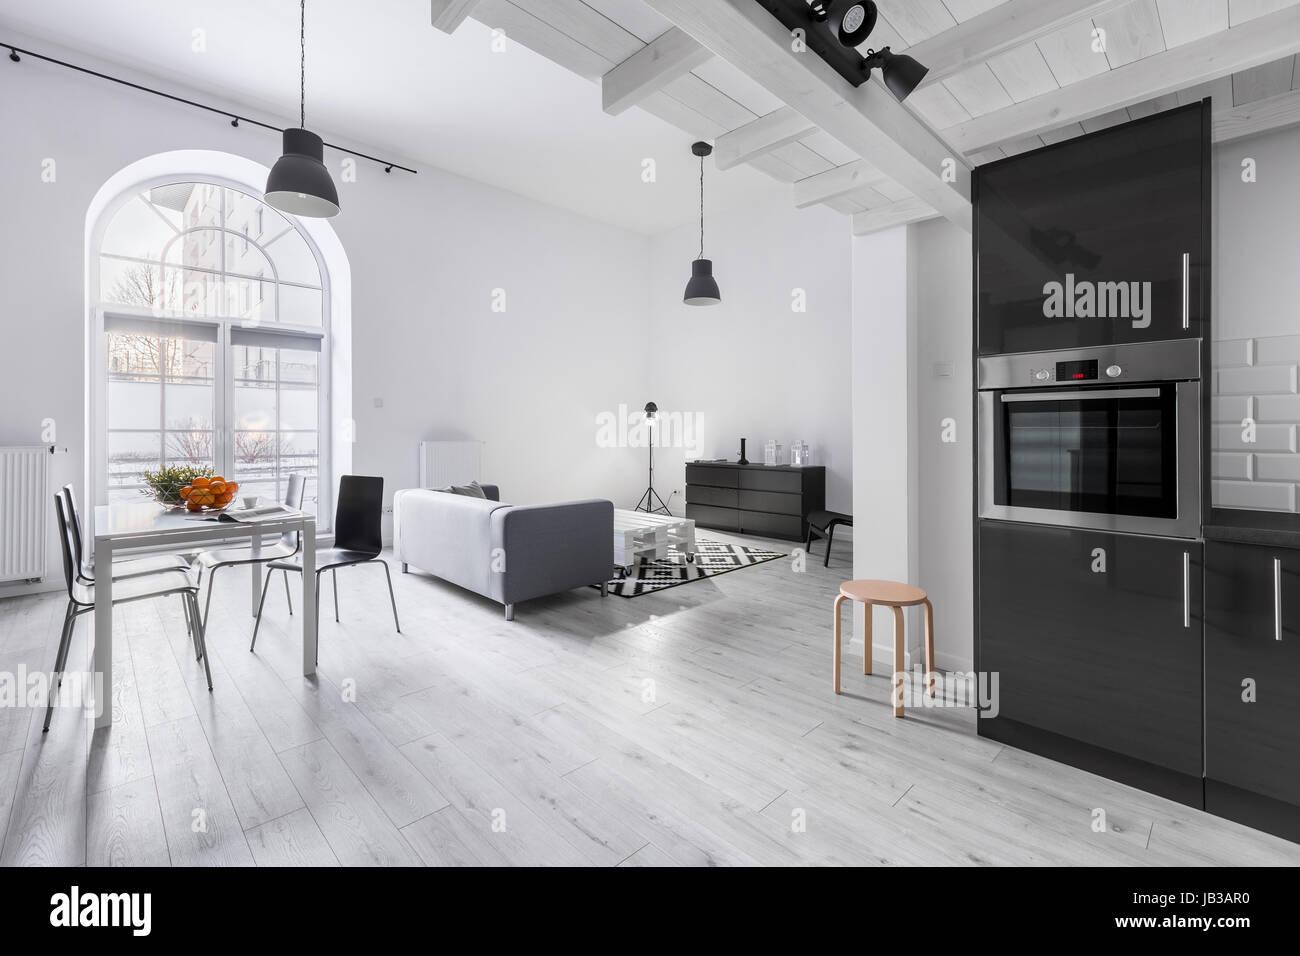 Moderne Wohnung Im Industriellen Stil Mit Küche Und Wohnzimmer